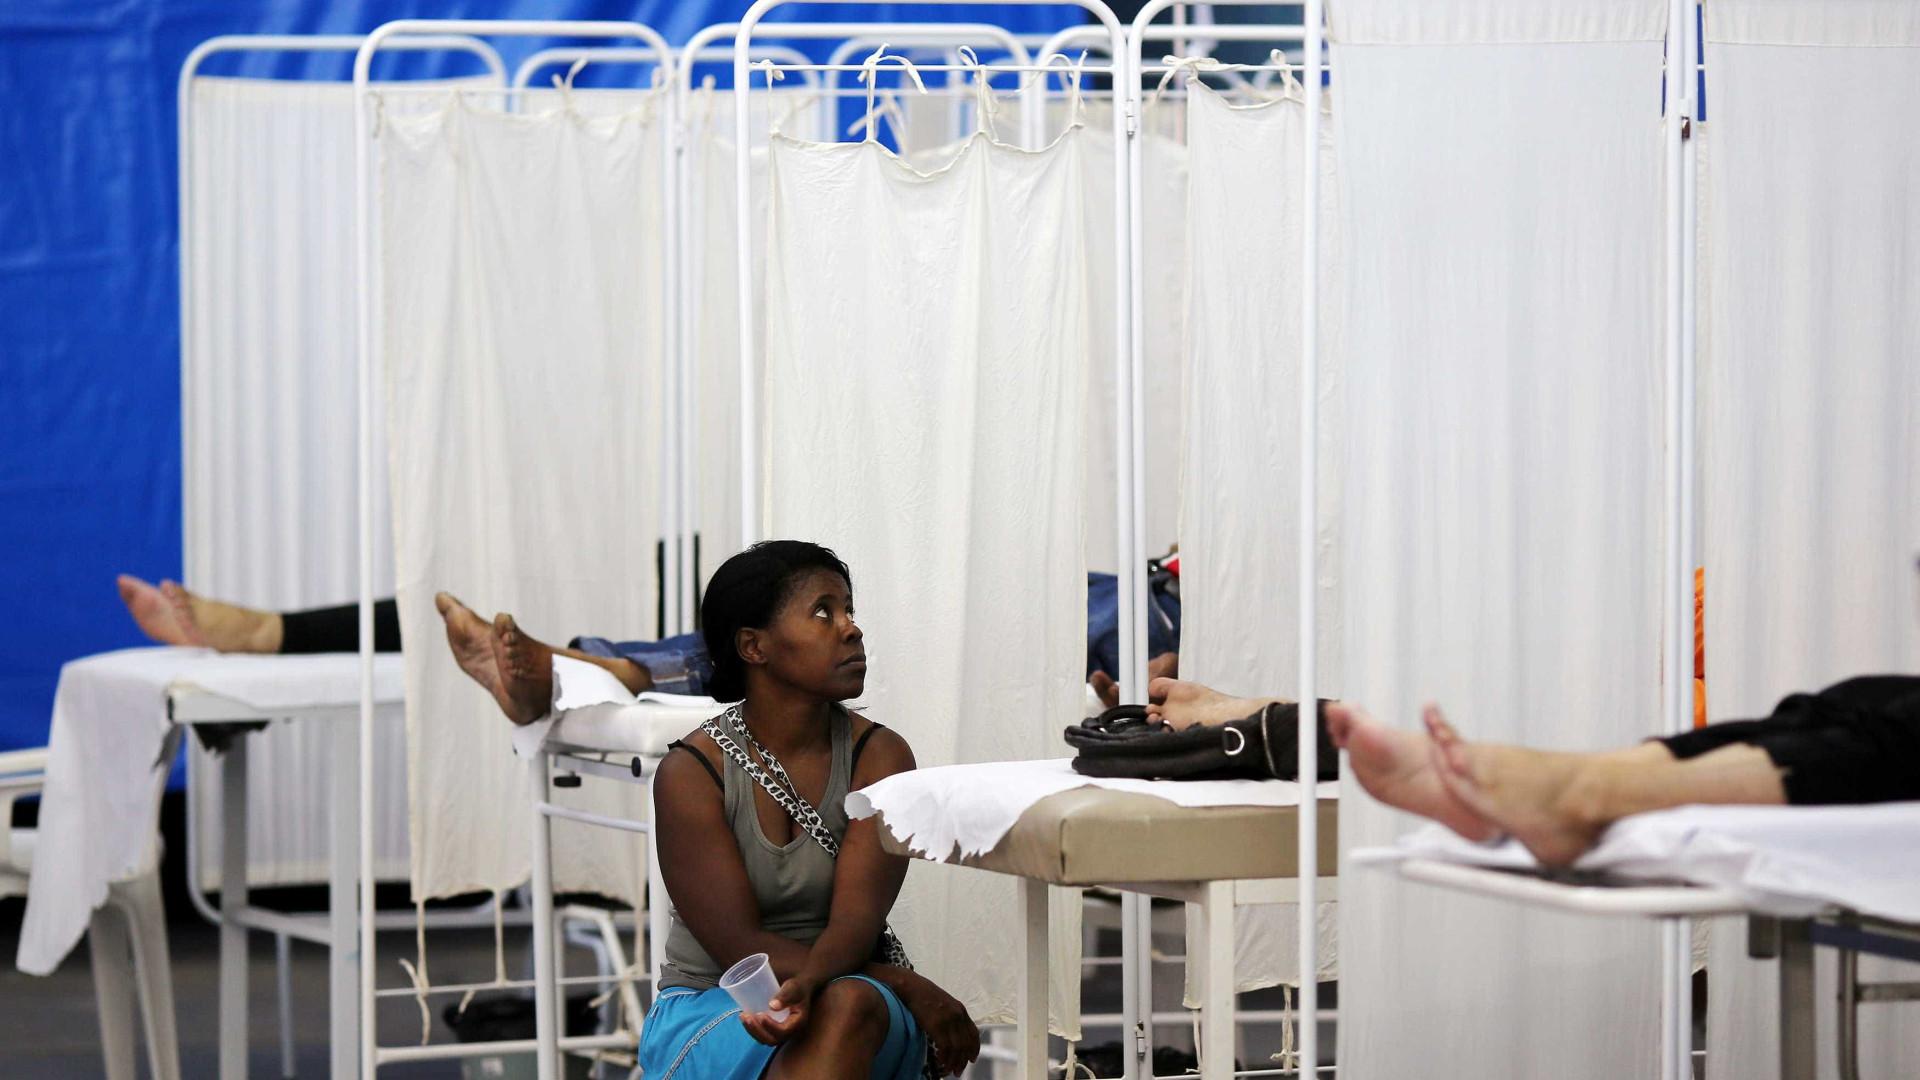 Governo boliviano alerta população sobre febre hemorrágica